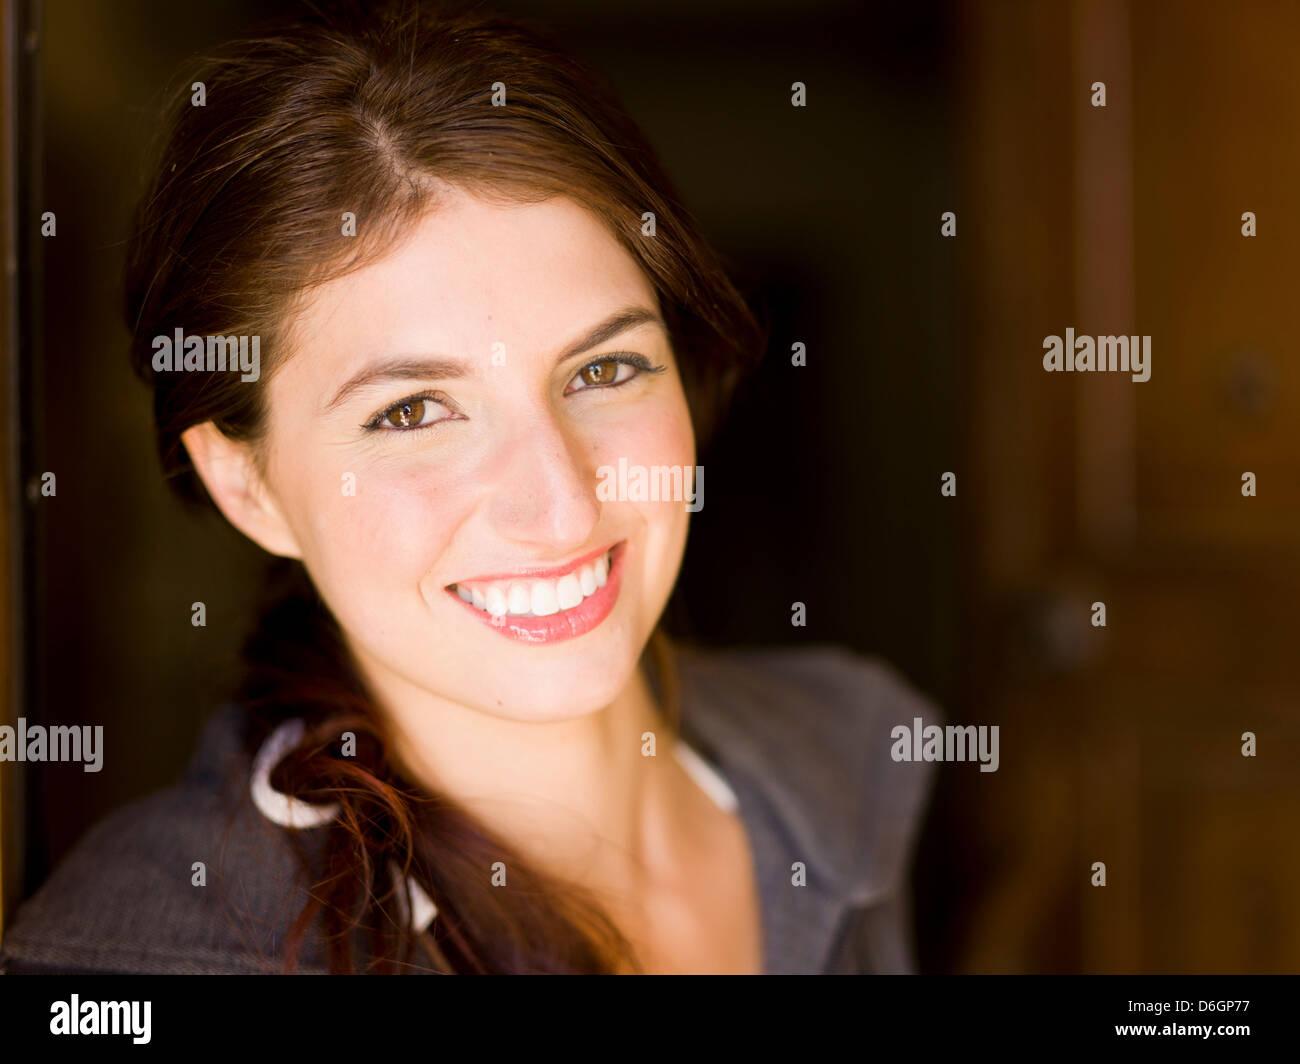 Smiling woman standing in doorway Photo Stock